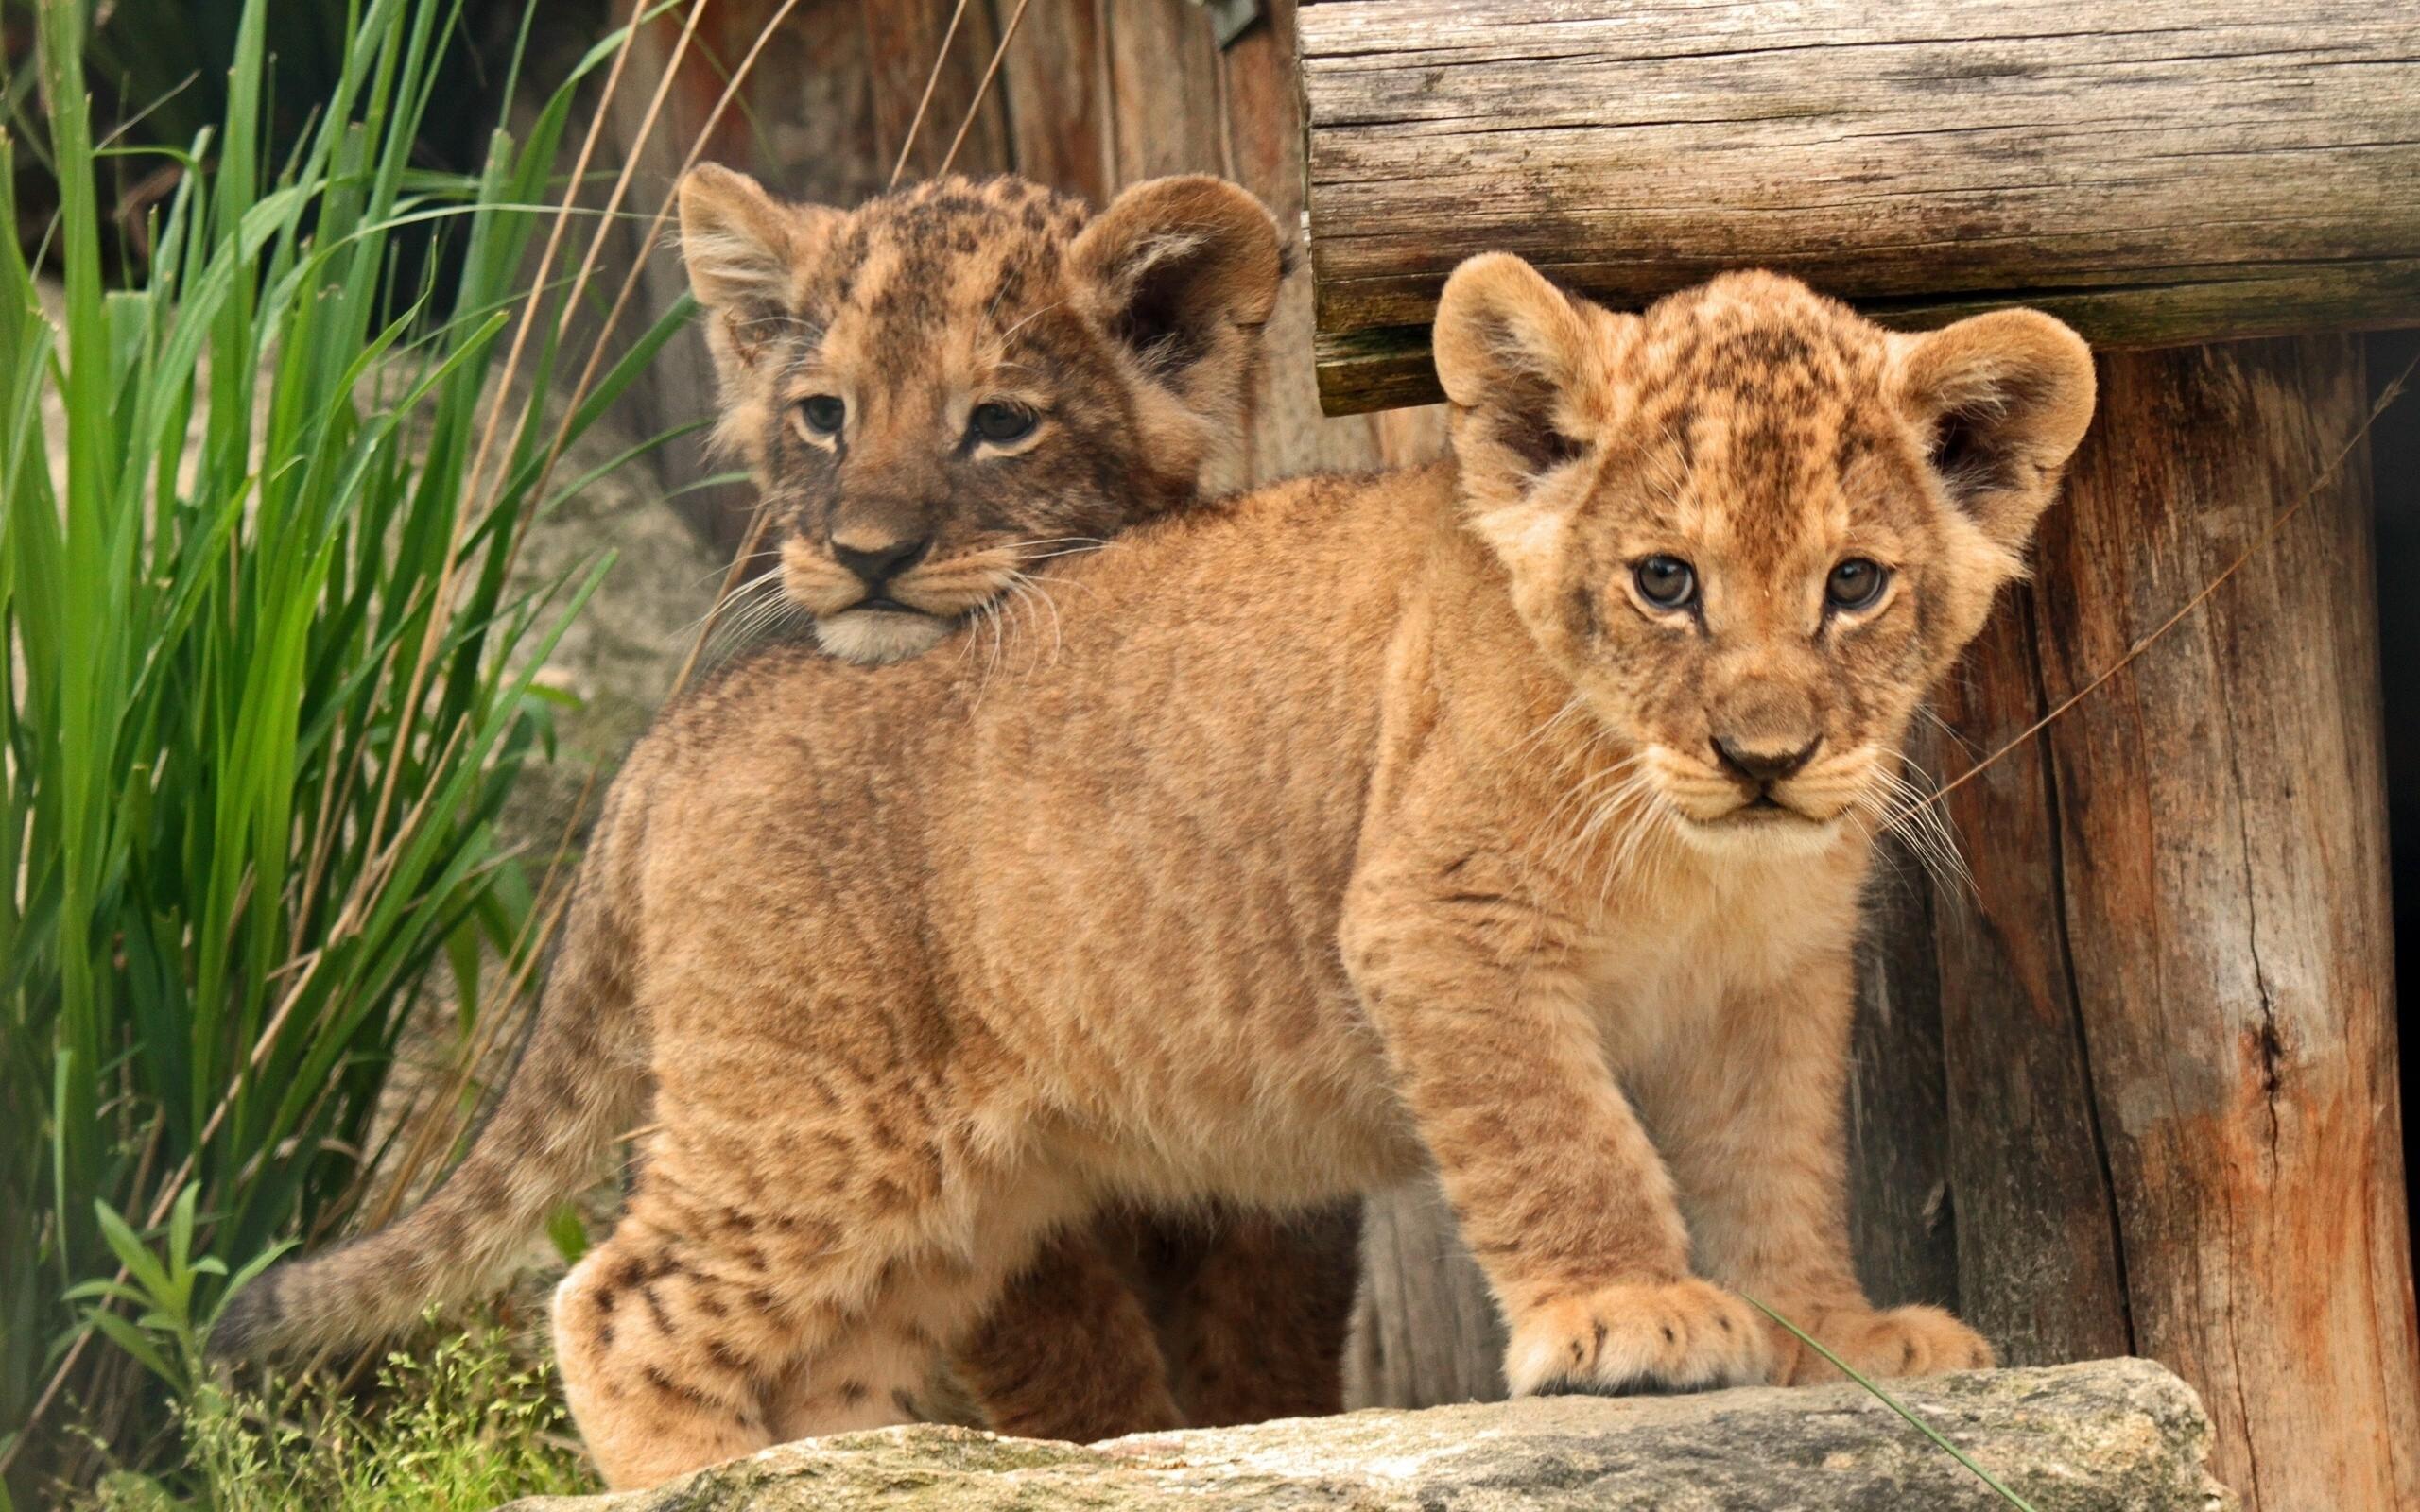 Fond D Ecran Lionceau Bebe Des Gamins Lion 2560x1600